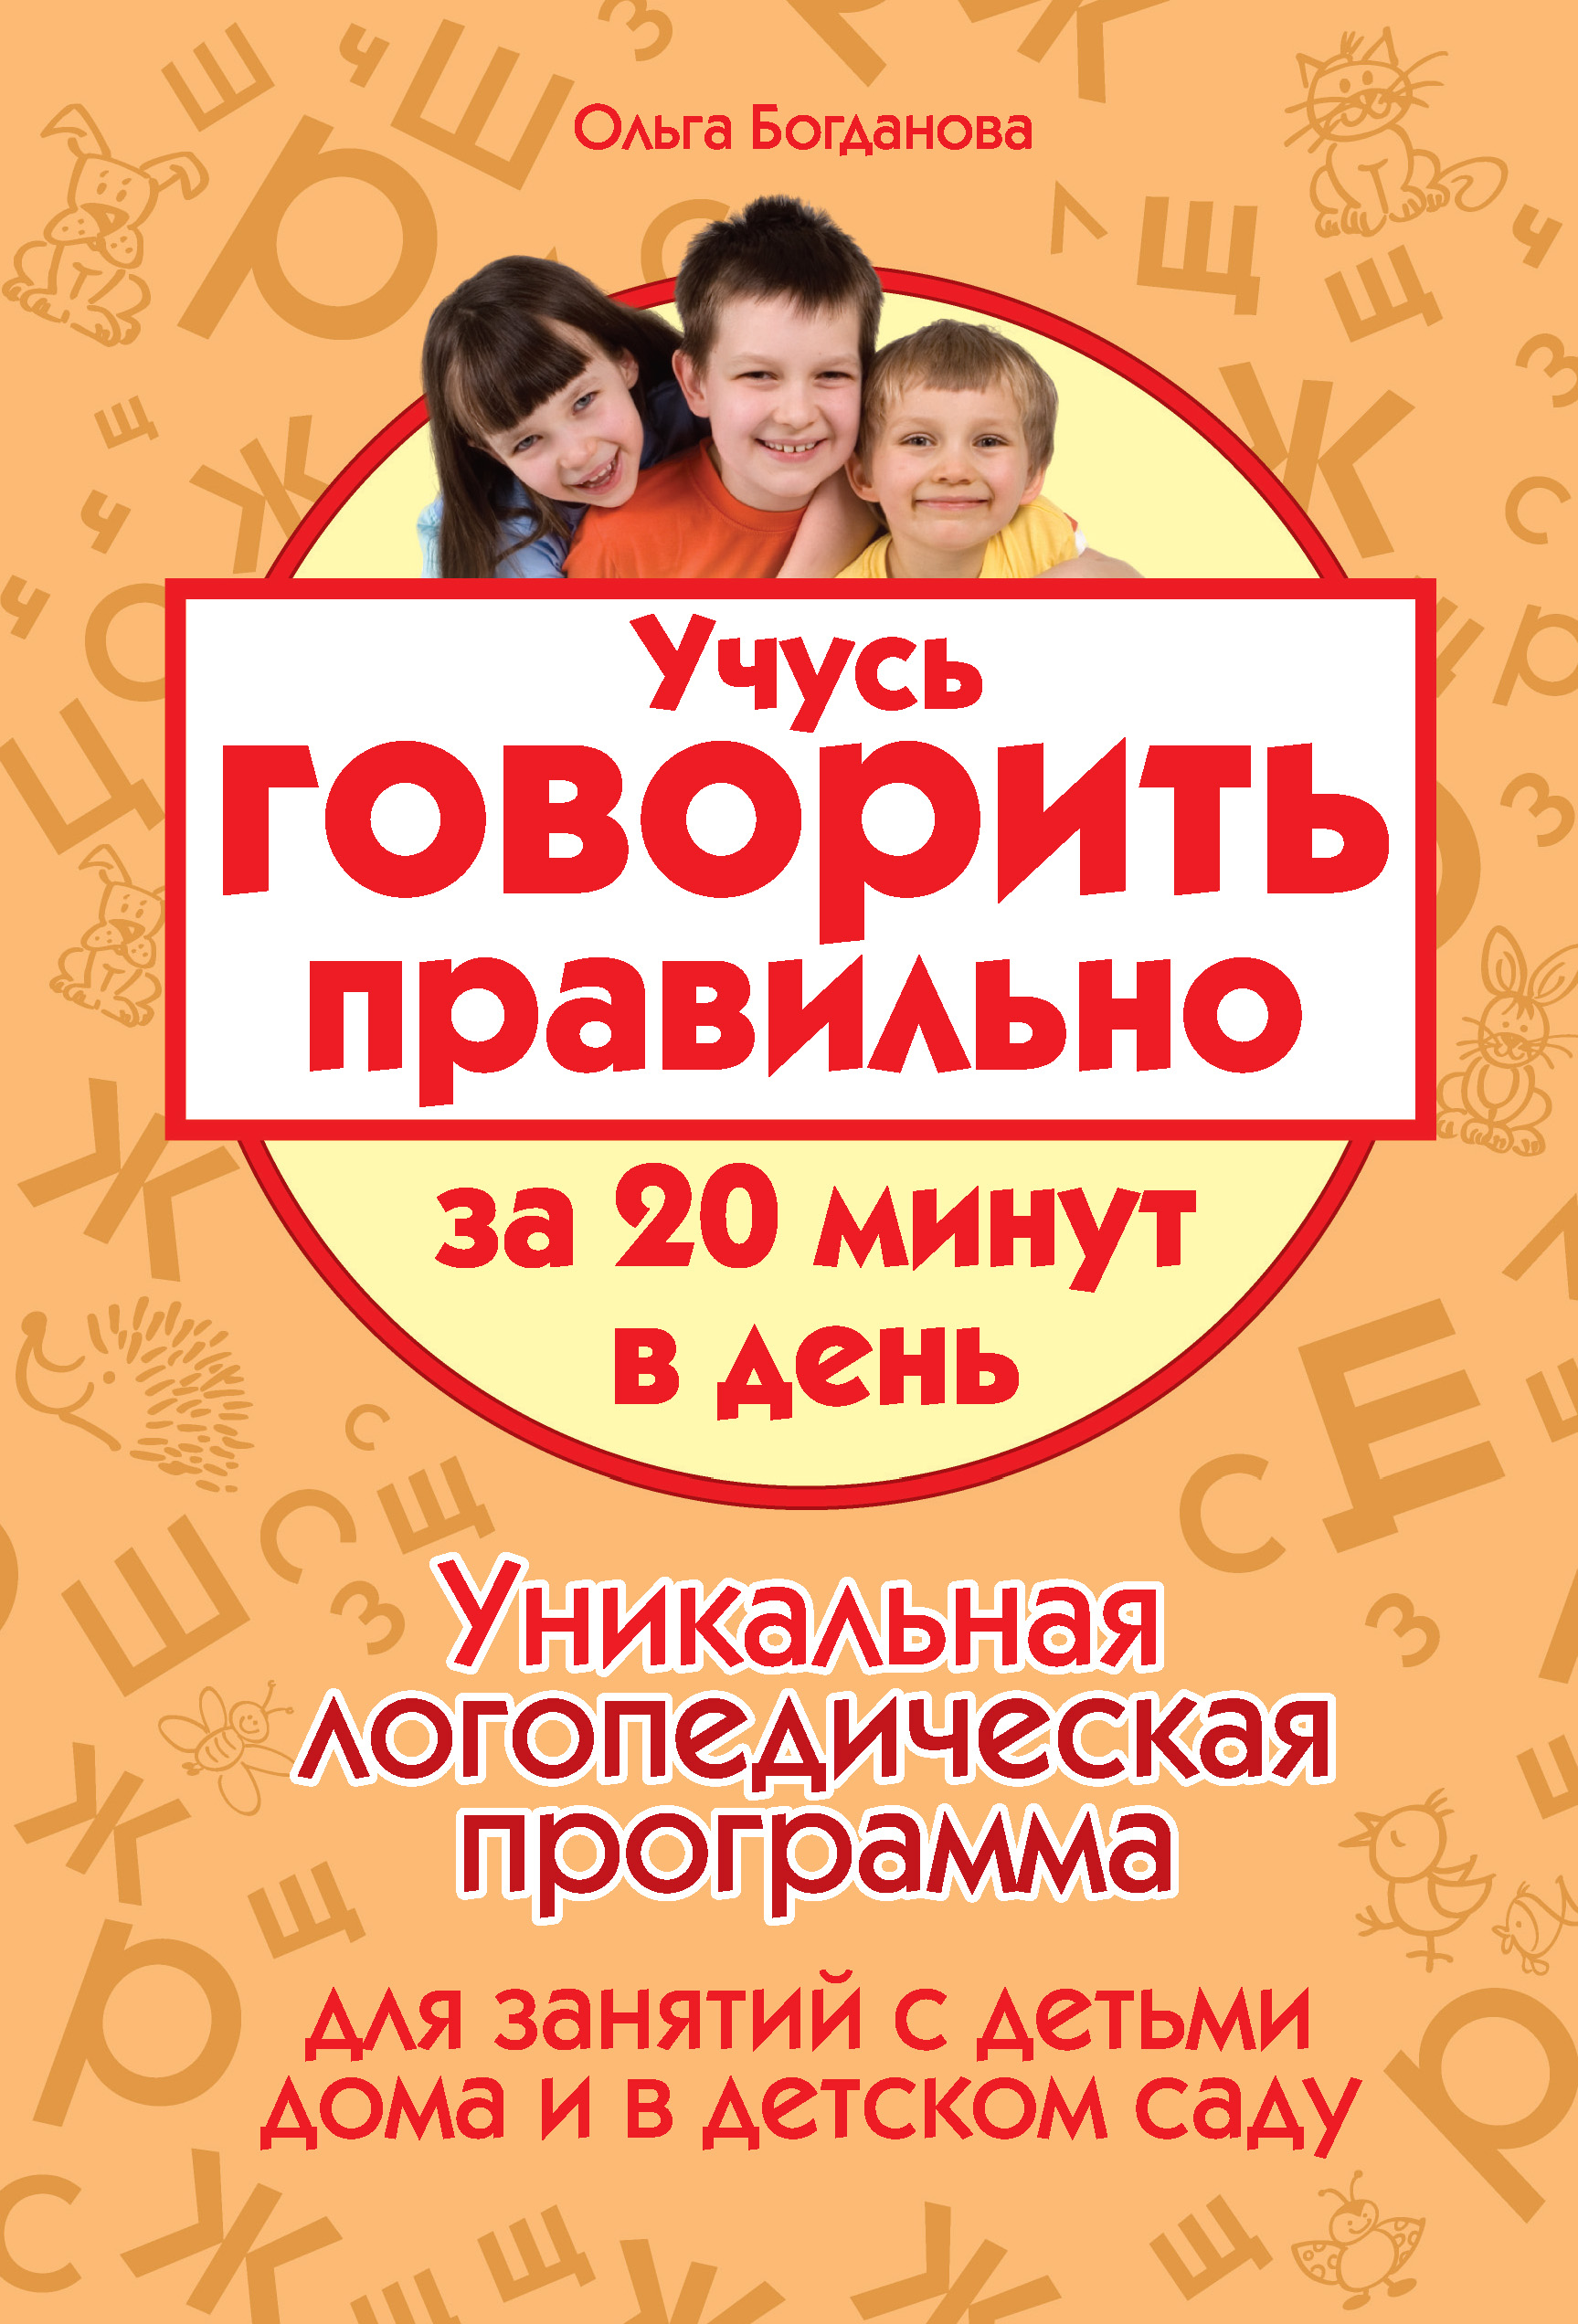 Ольга Богданова Учусь говорить правильно за 20 минут в день. Уникальная логопедическая программа для работы с детьми дома и в детском саду